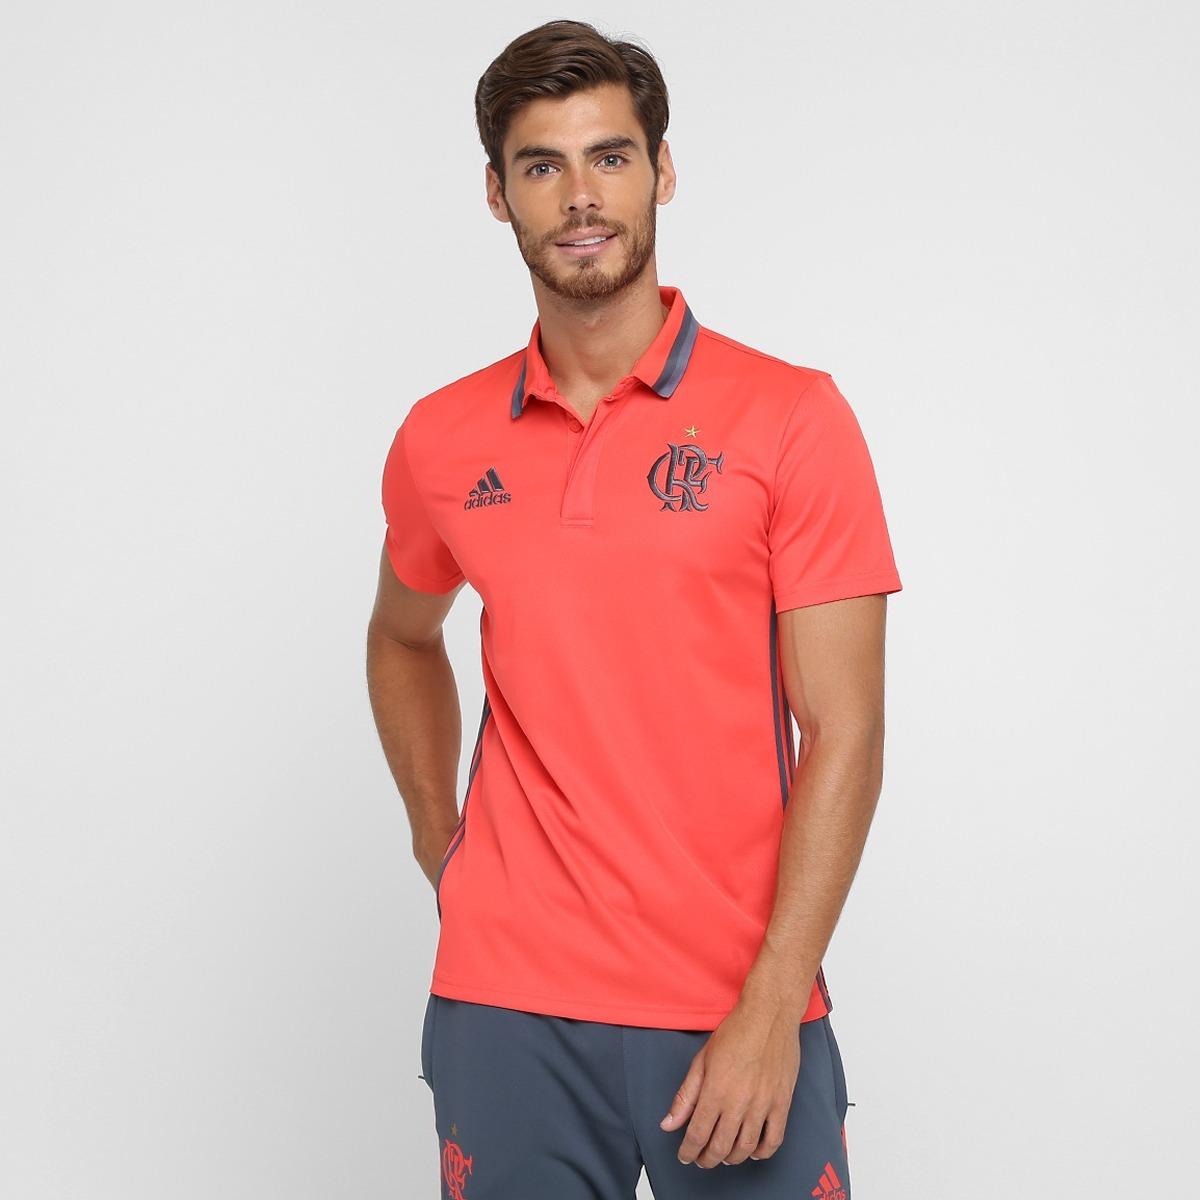 c0637e676 camisa polo flamengo adidas crf ctsports. Carregando zoom.